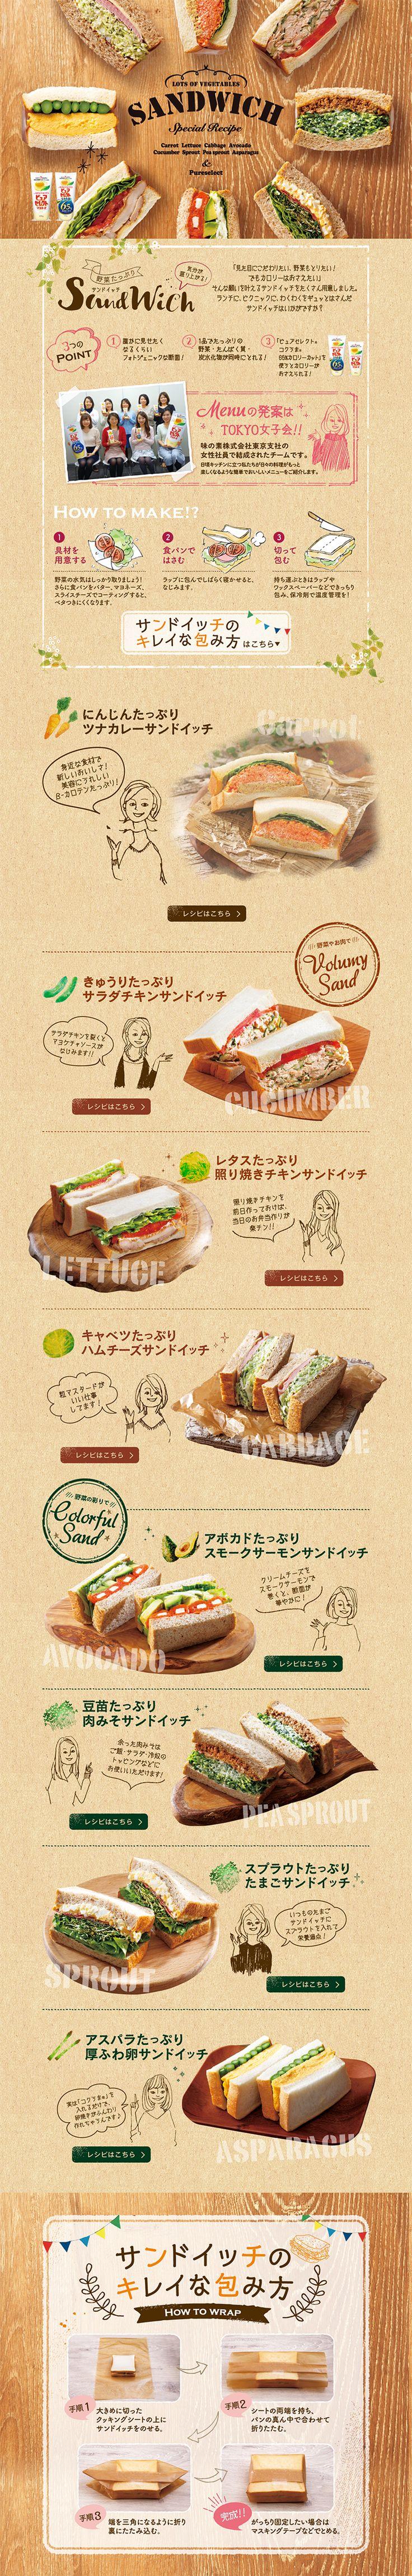 野菜たっぷりサンドイッチ スペシャルレシピ|WEBデザイナーさん必見!ランディングページのデザイン参考に(かわいい系)